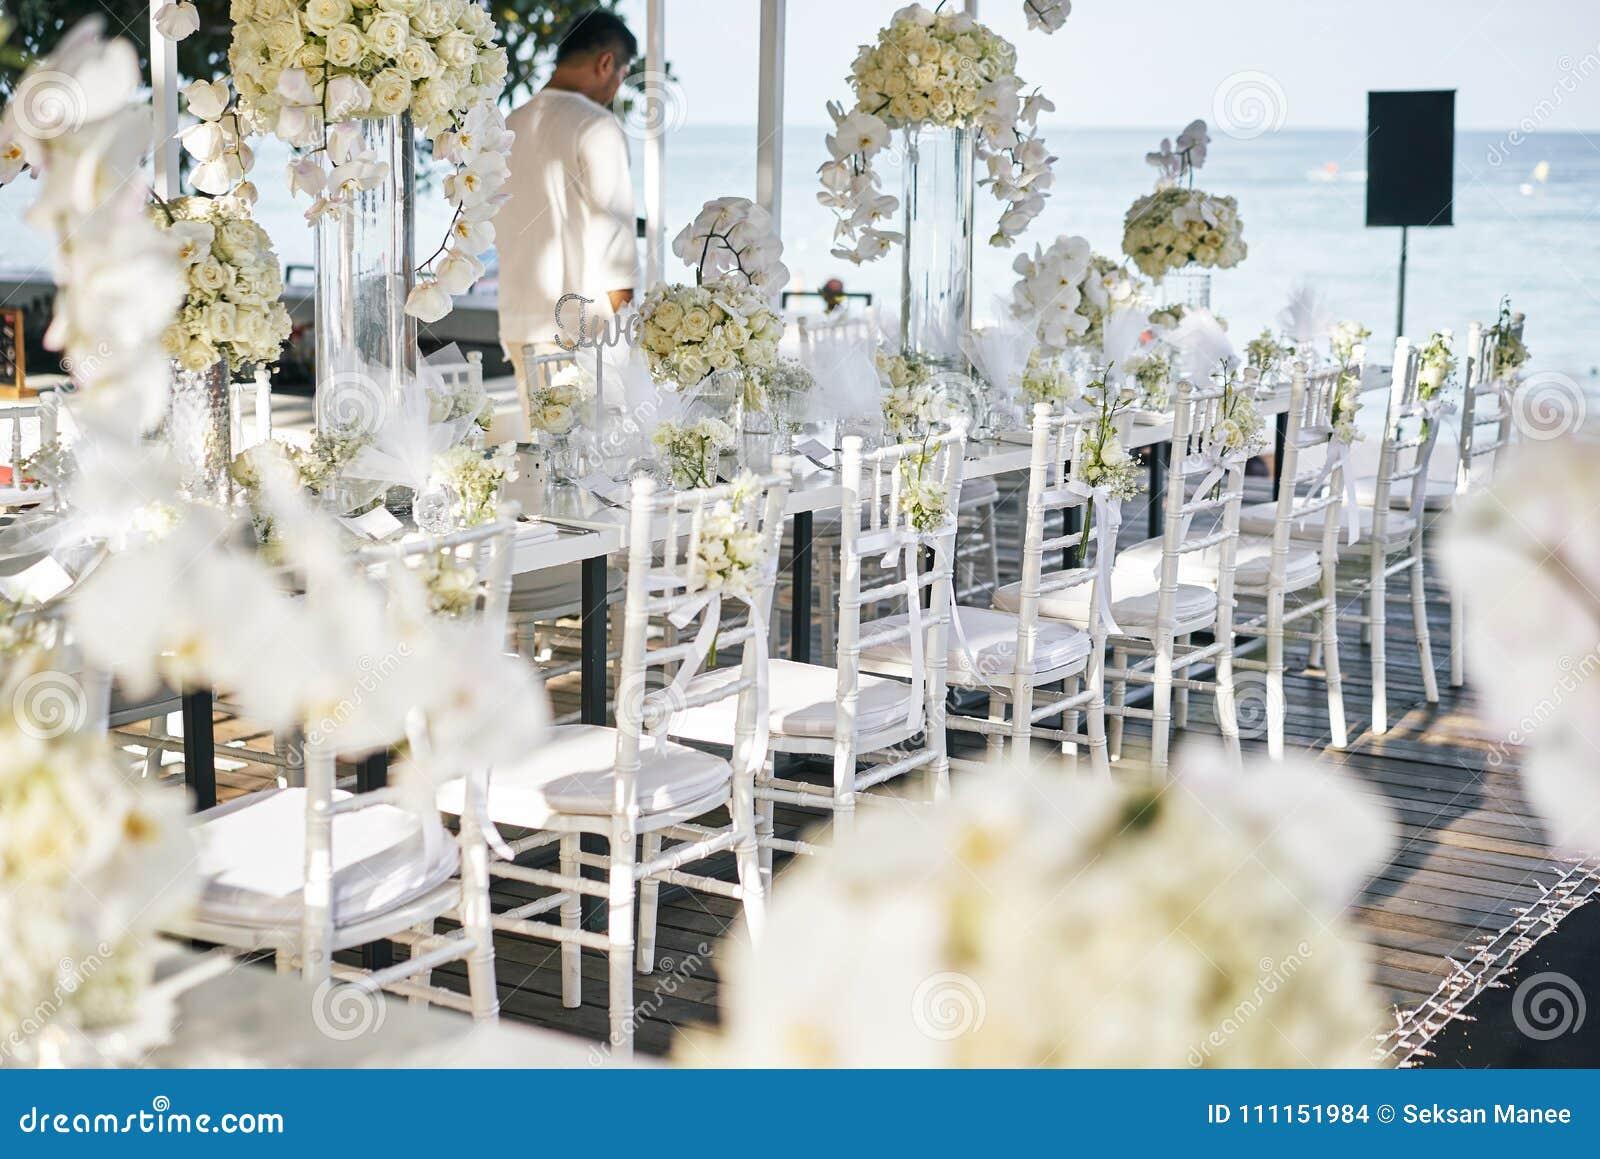 La sede di nozze per la tavola di cena di ricezione decorata con le orchidee bianche, rose bianche, fiori, sedie floreali e bianc